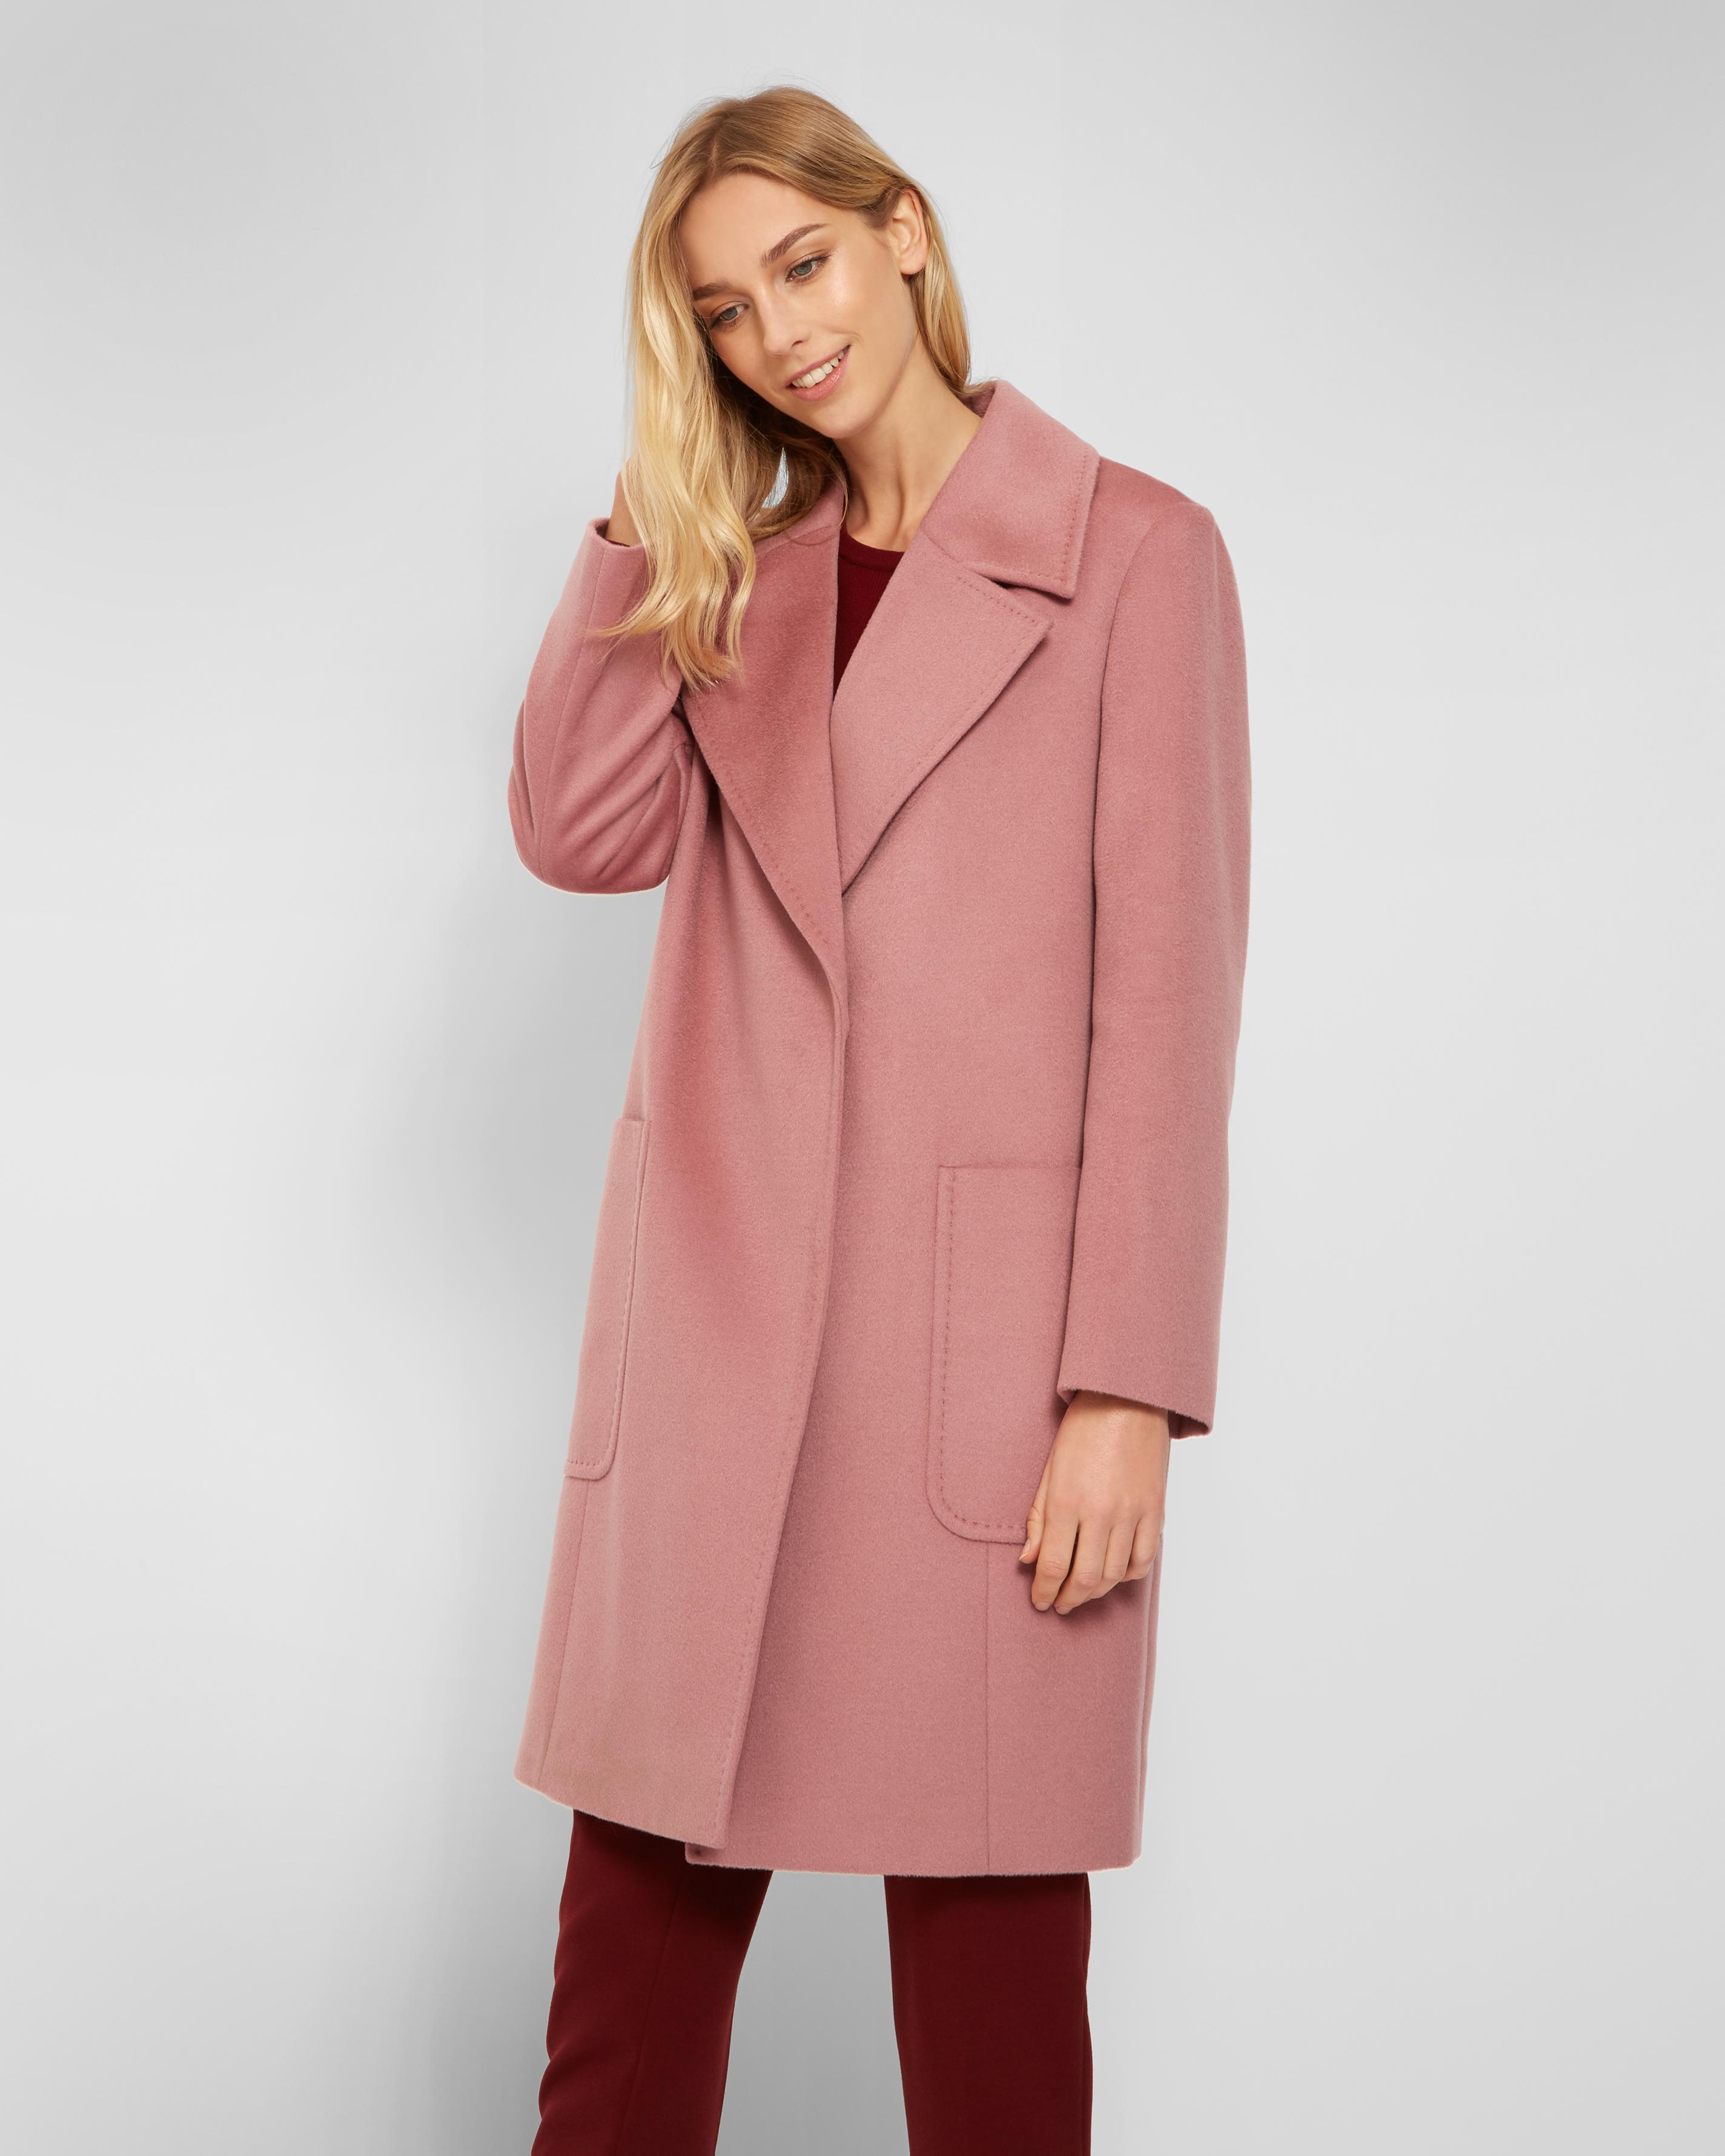 Jaeger Wide Collar Cocoon Coat in Pink   Lyst